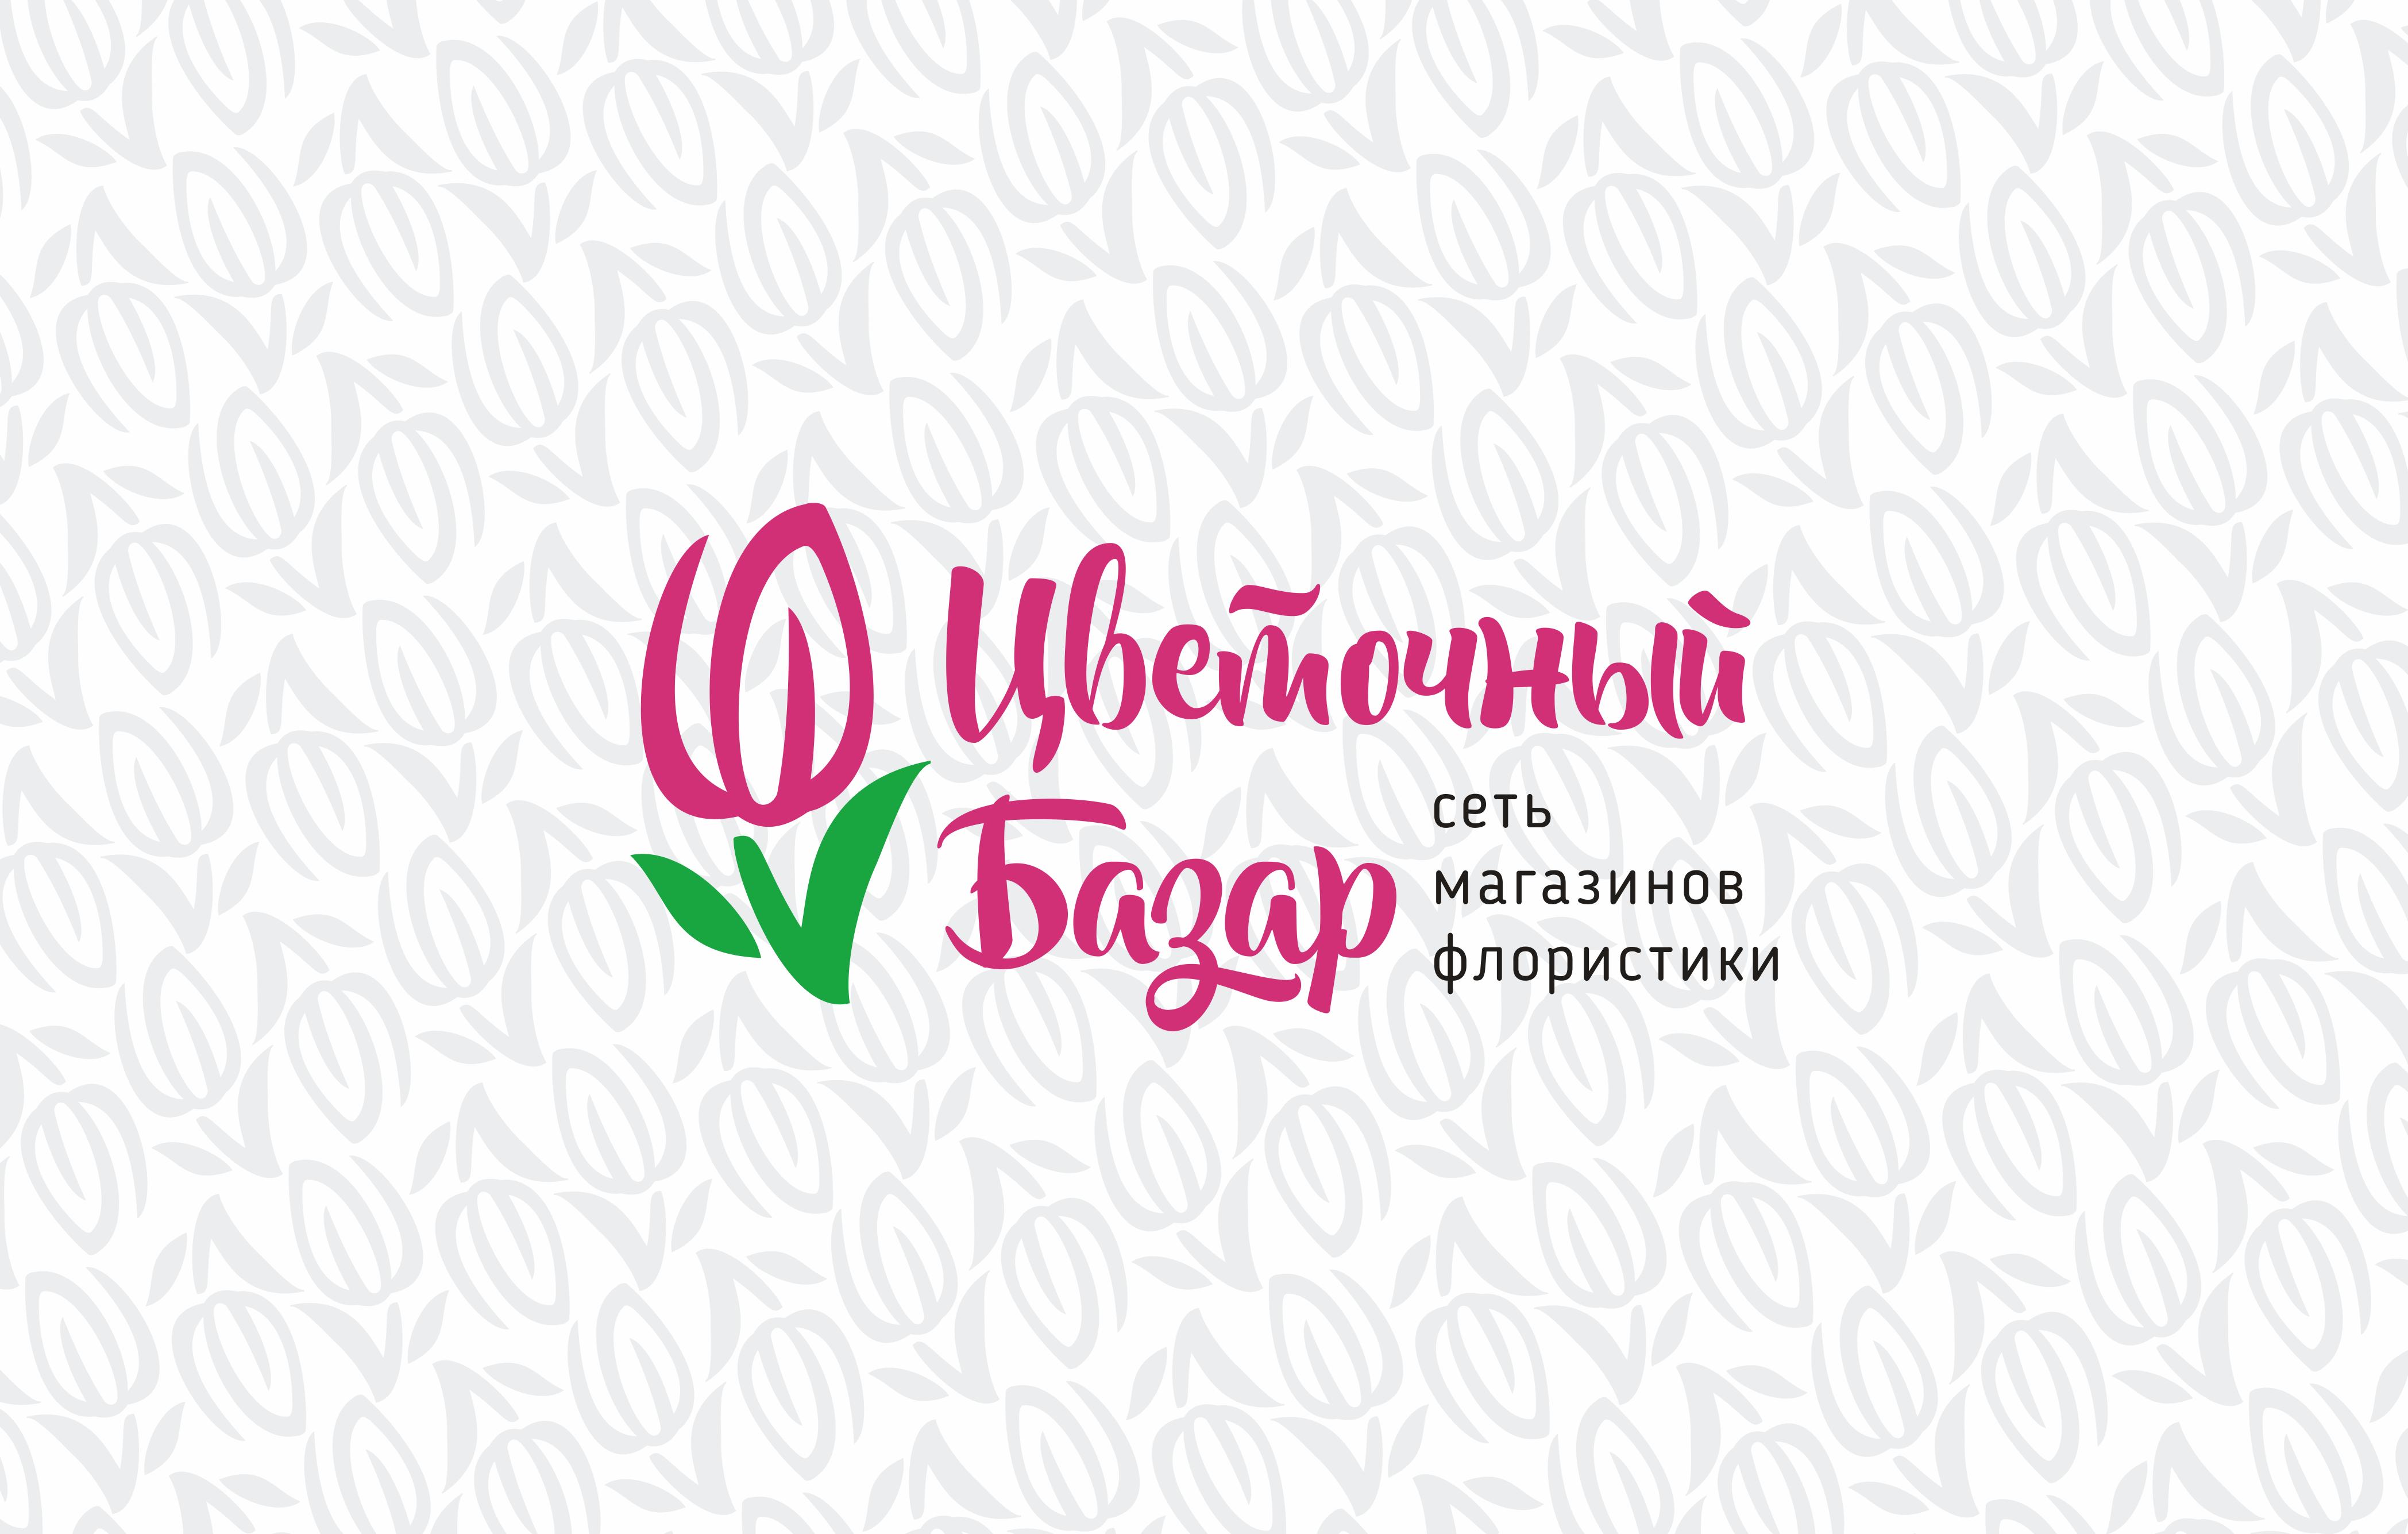 Разработка фирменного стиля для цветочного салона фото f_6685c33a45ec3a8e.png